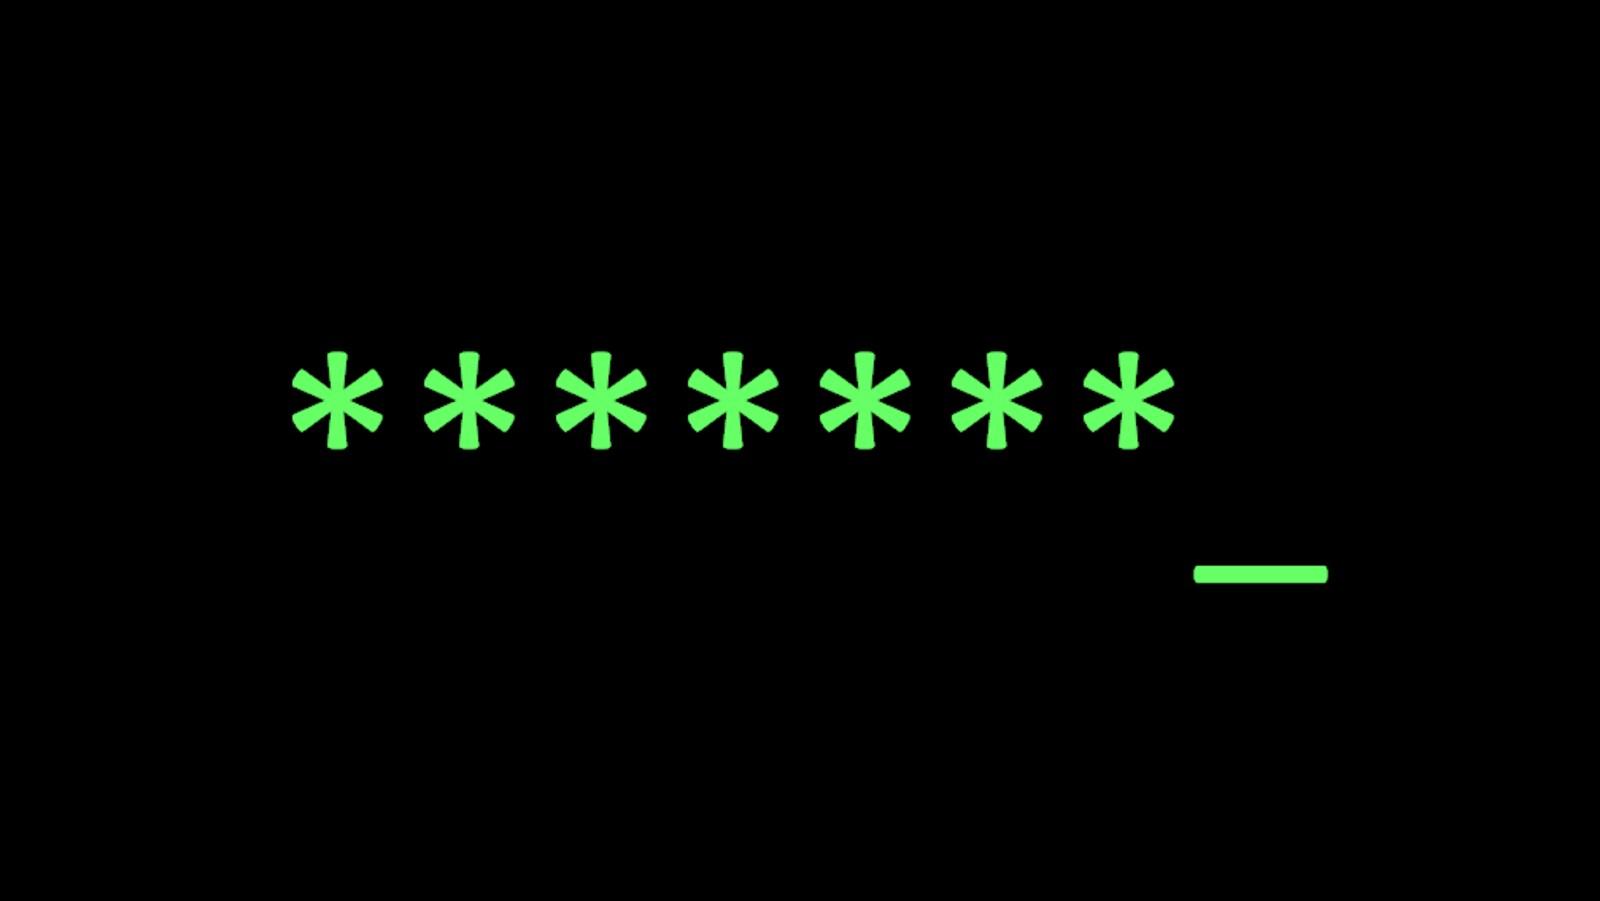 Une capture d'écran montrant une série de sept astérisques verts sur un fond noir.